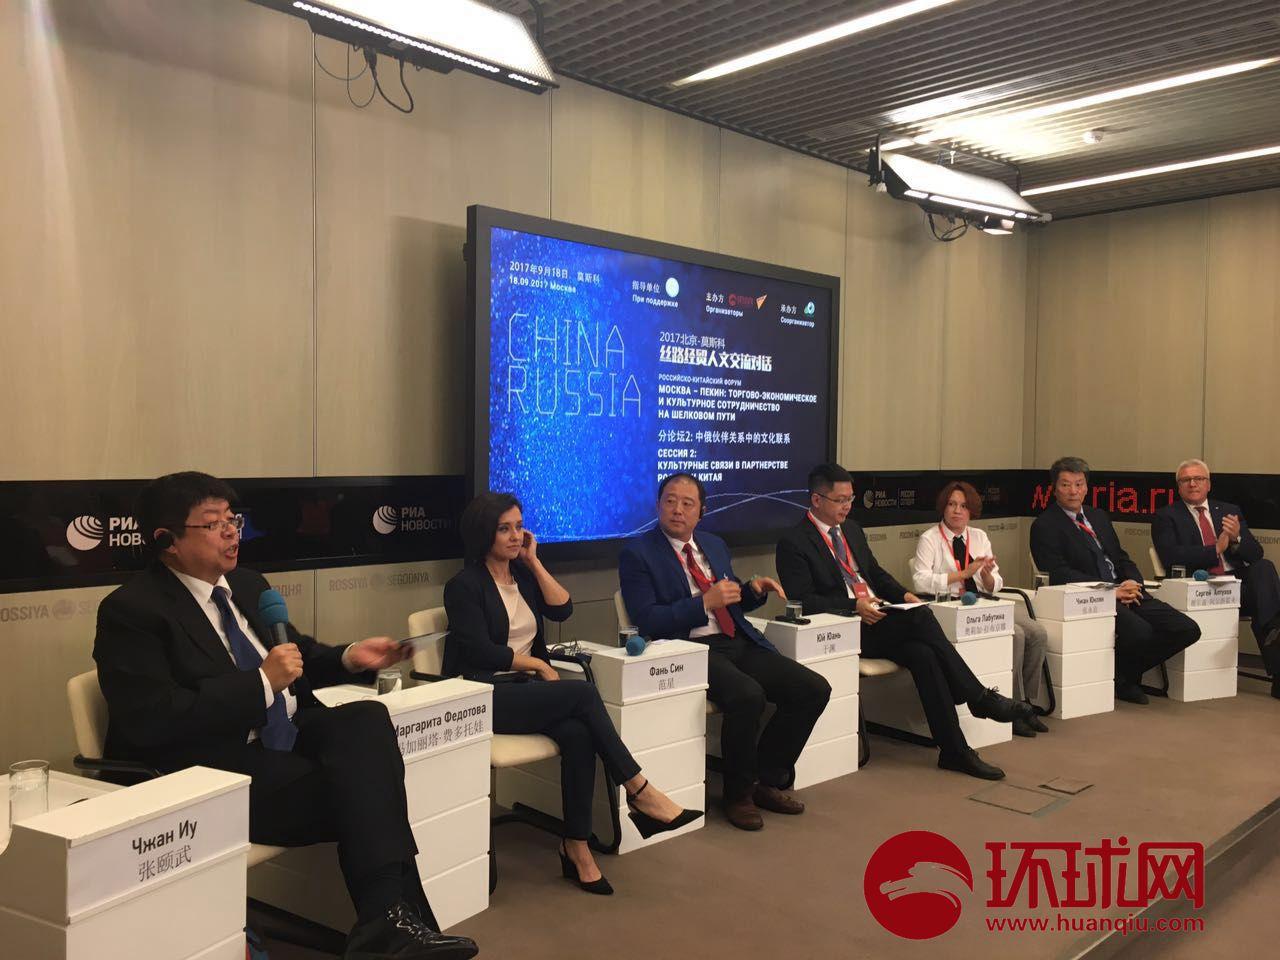 谢尔盖•阿尔图霍夫:体育已成为强国之间竞争方式之一